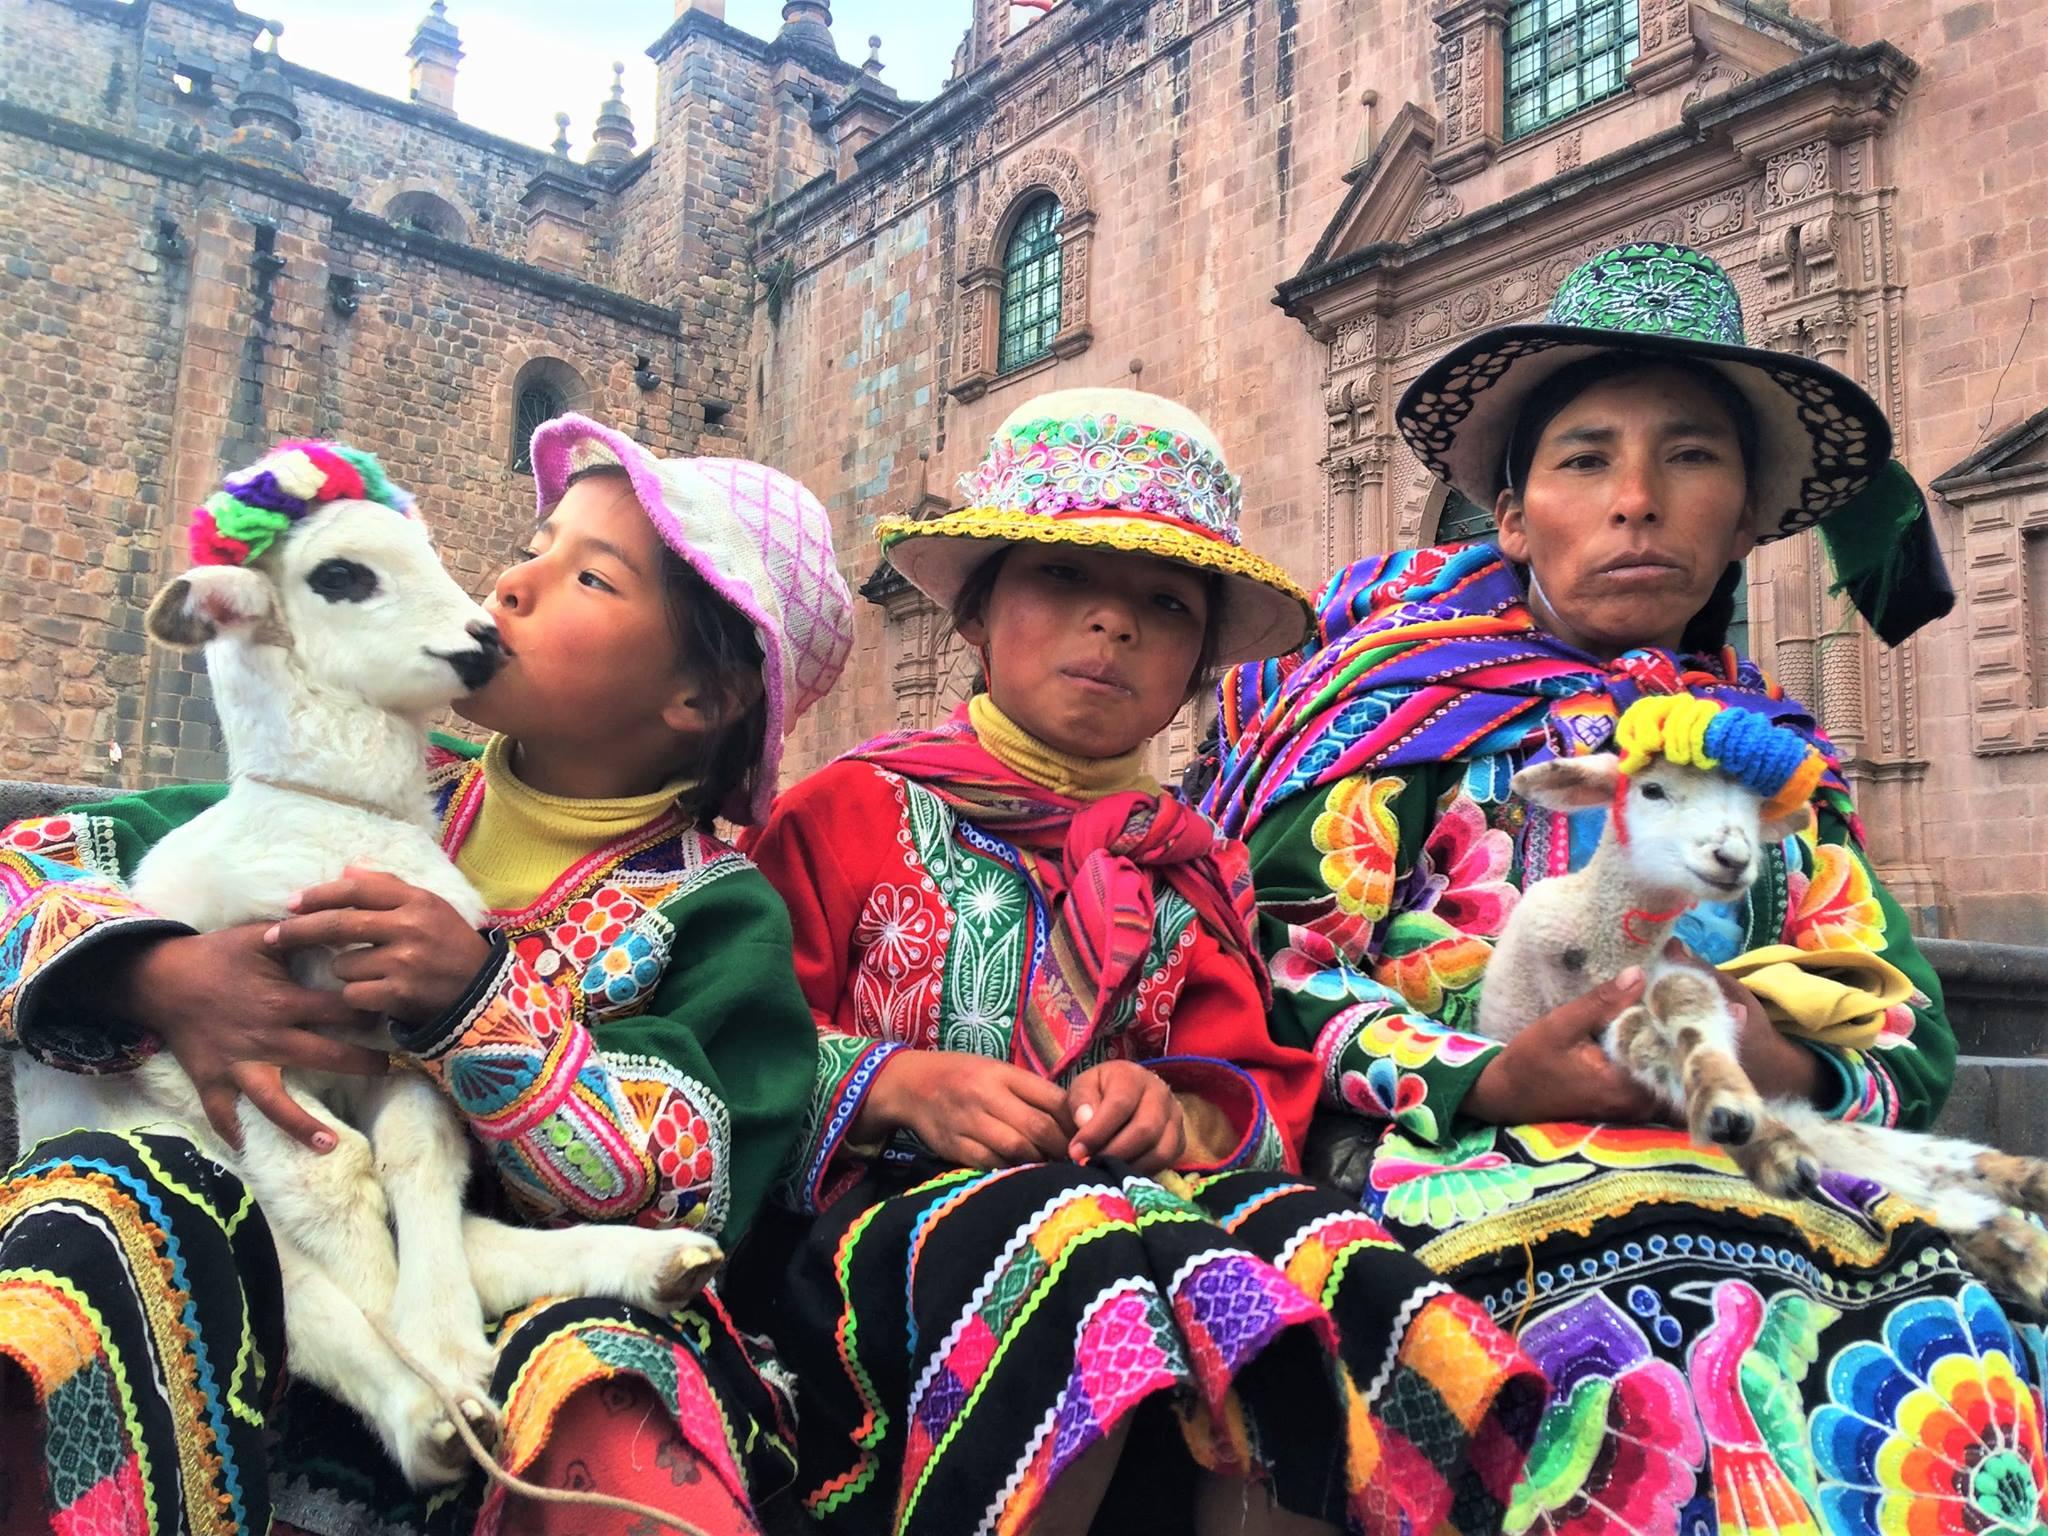 como visitar machu picchu peruanos com roupas típicas